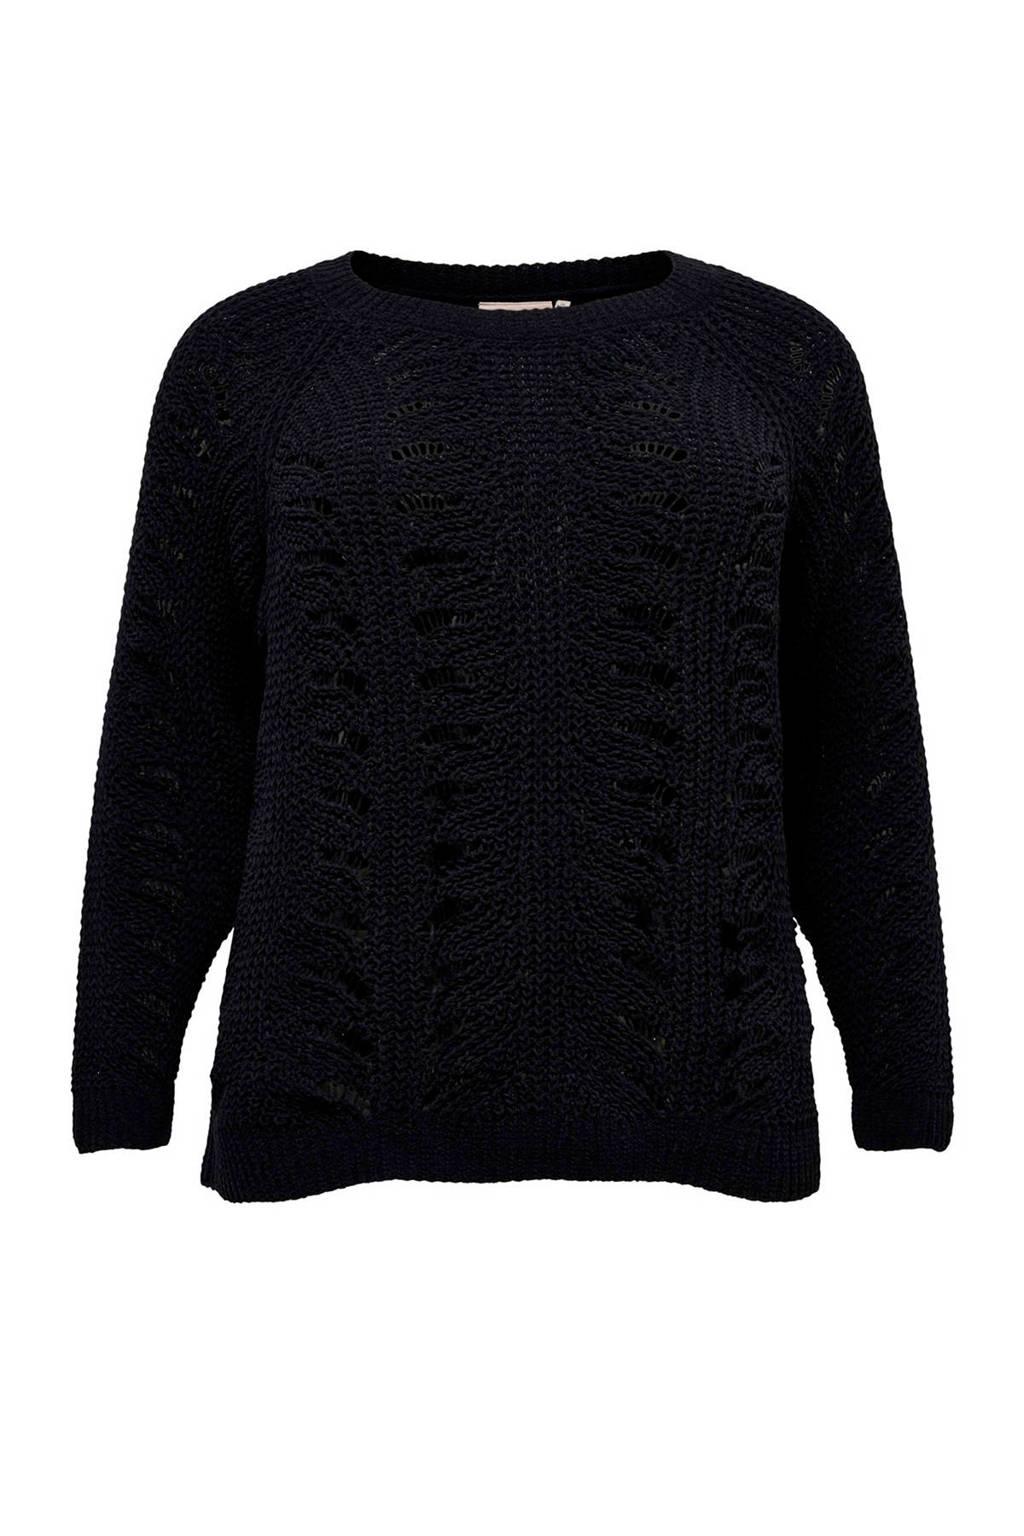 ONLY CARMAKOMA grofgebreide trui zwart, Zwart